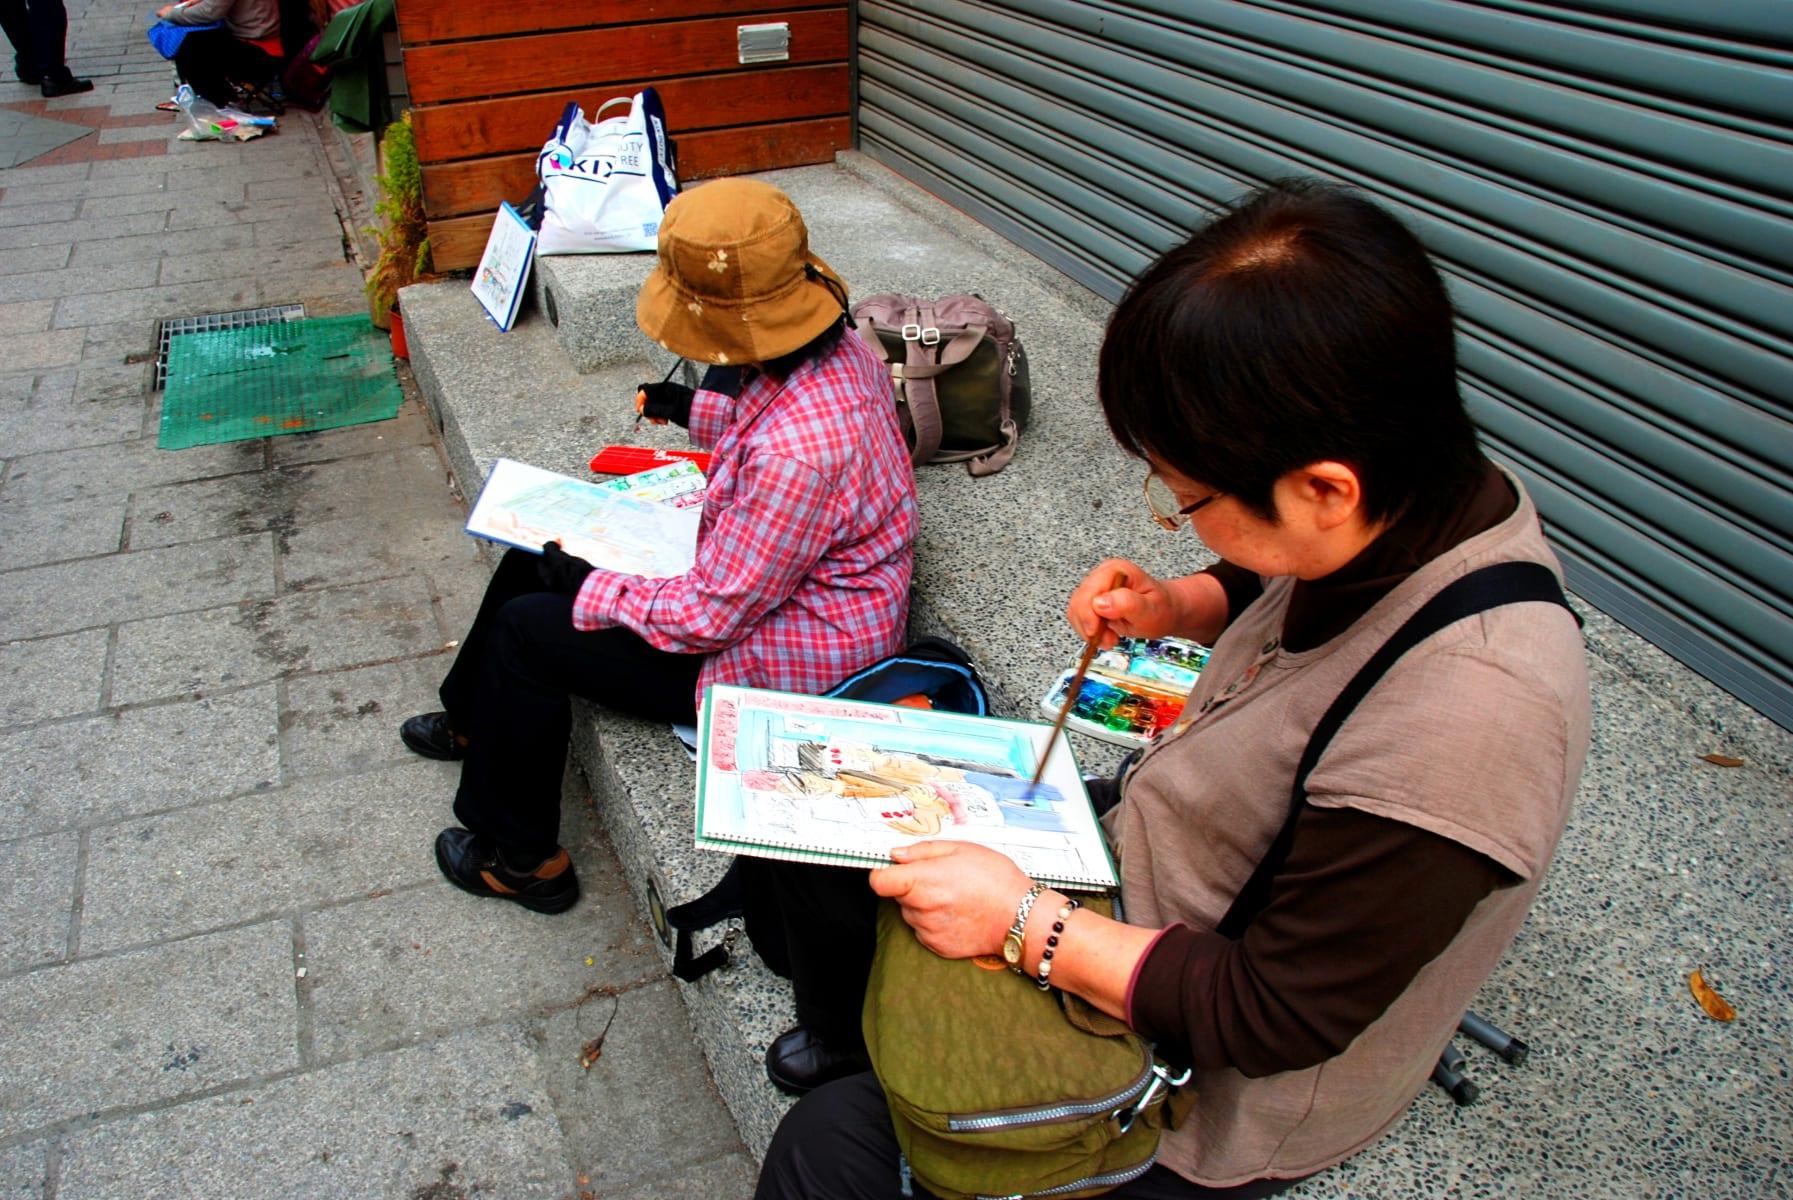 Místní Tchajwanky mi po rozhovoru o tom, jak milují Prahu, velmi ochotně zapózovaly